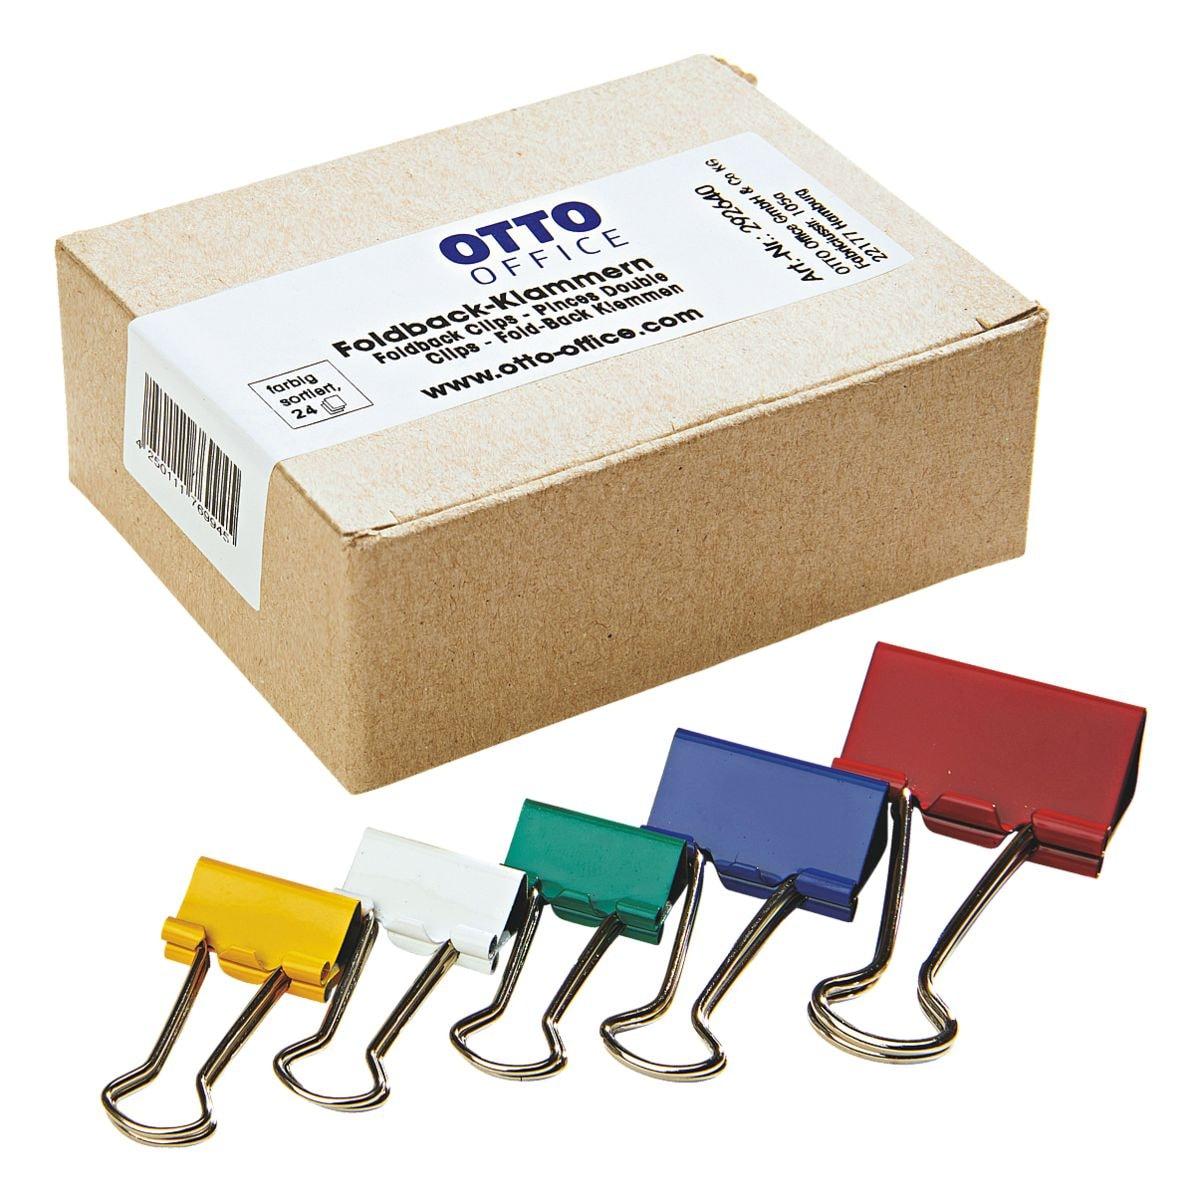 OTTO Office Foldback-Klammern gemischt, farbig sortiert, 24 Stück